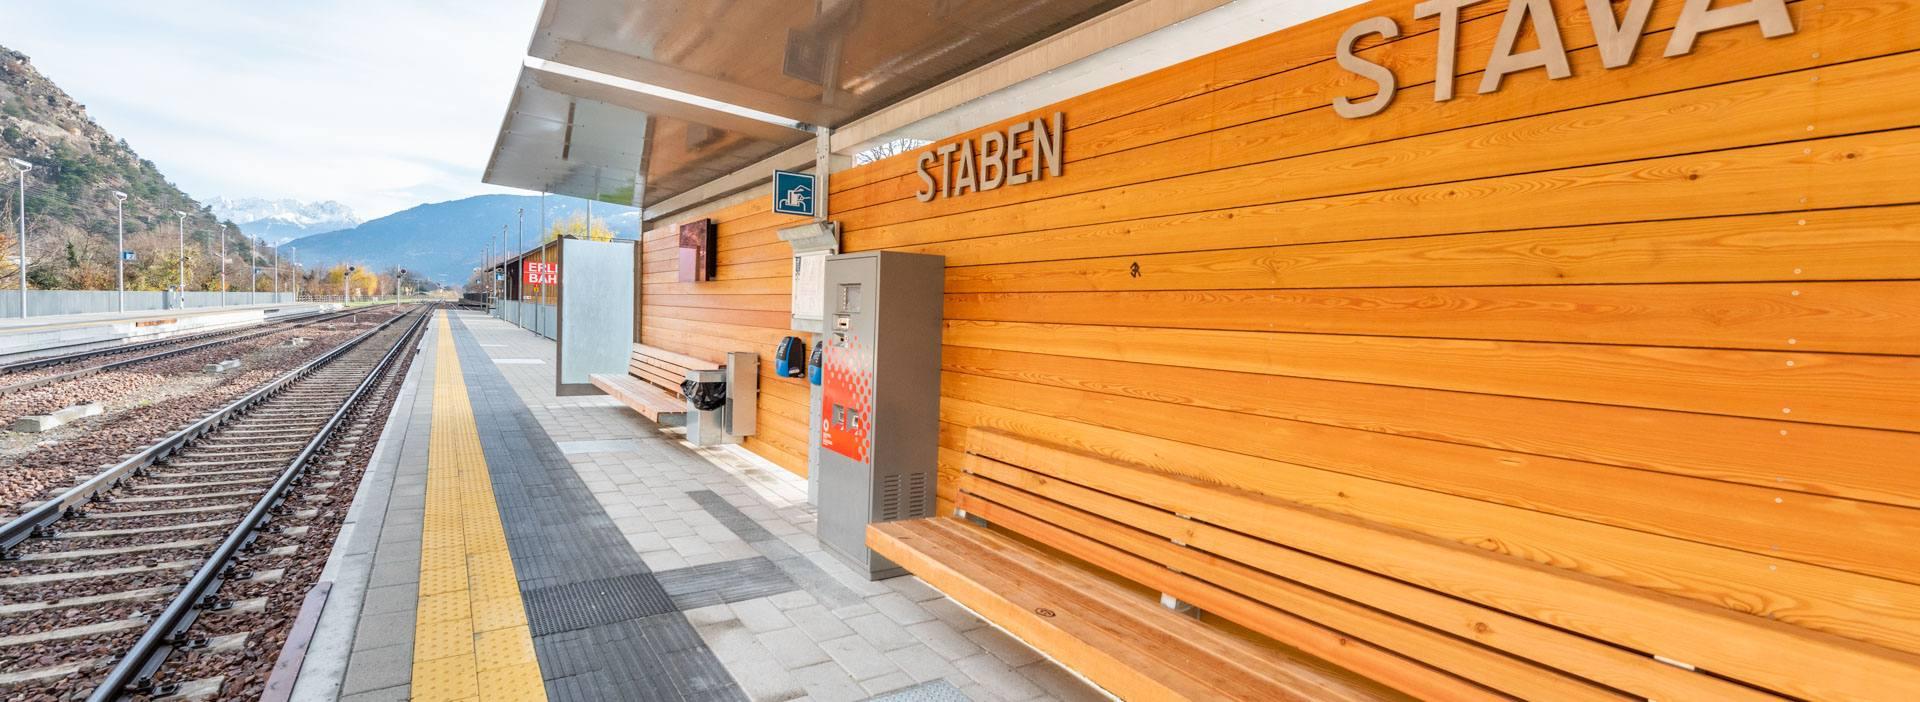 Bahnhof Staben